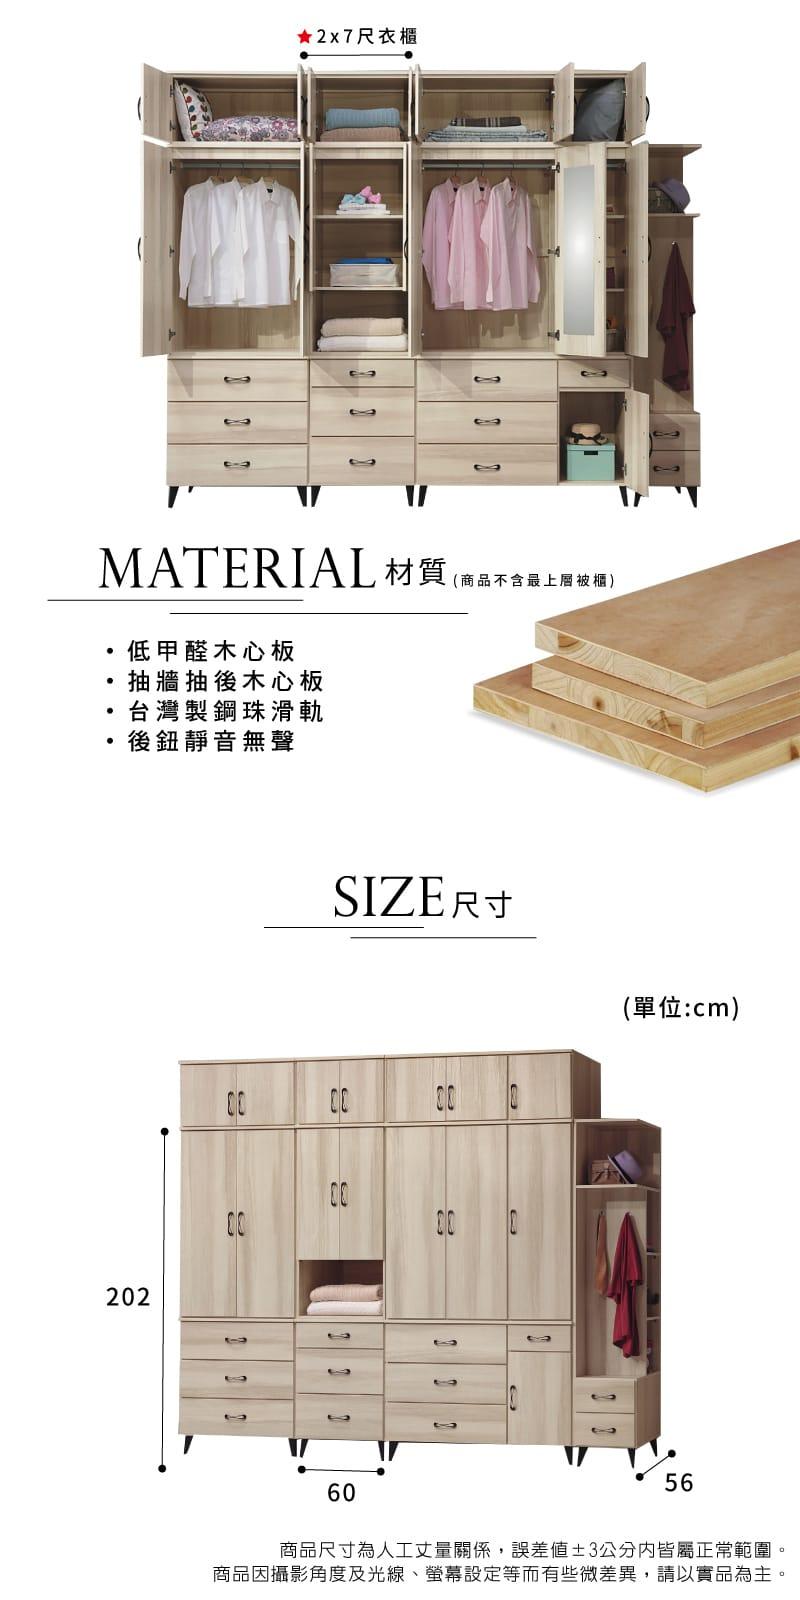 拉門收納置物衣櫃 寬60cm【庫洛馬】